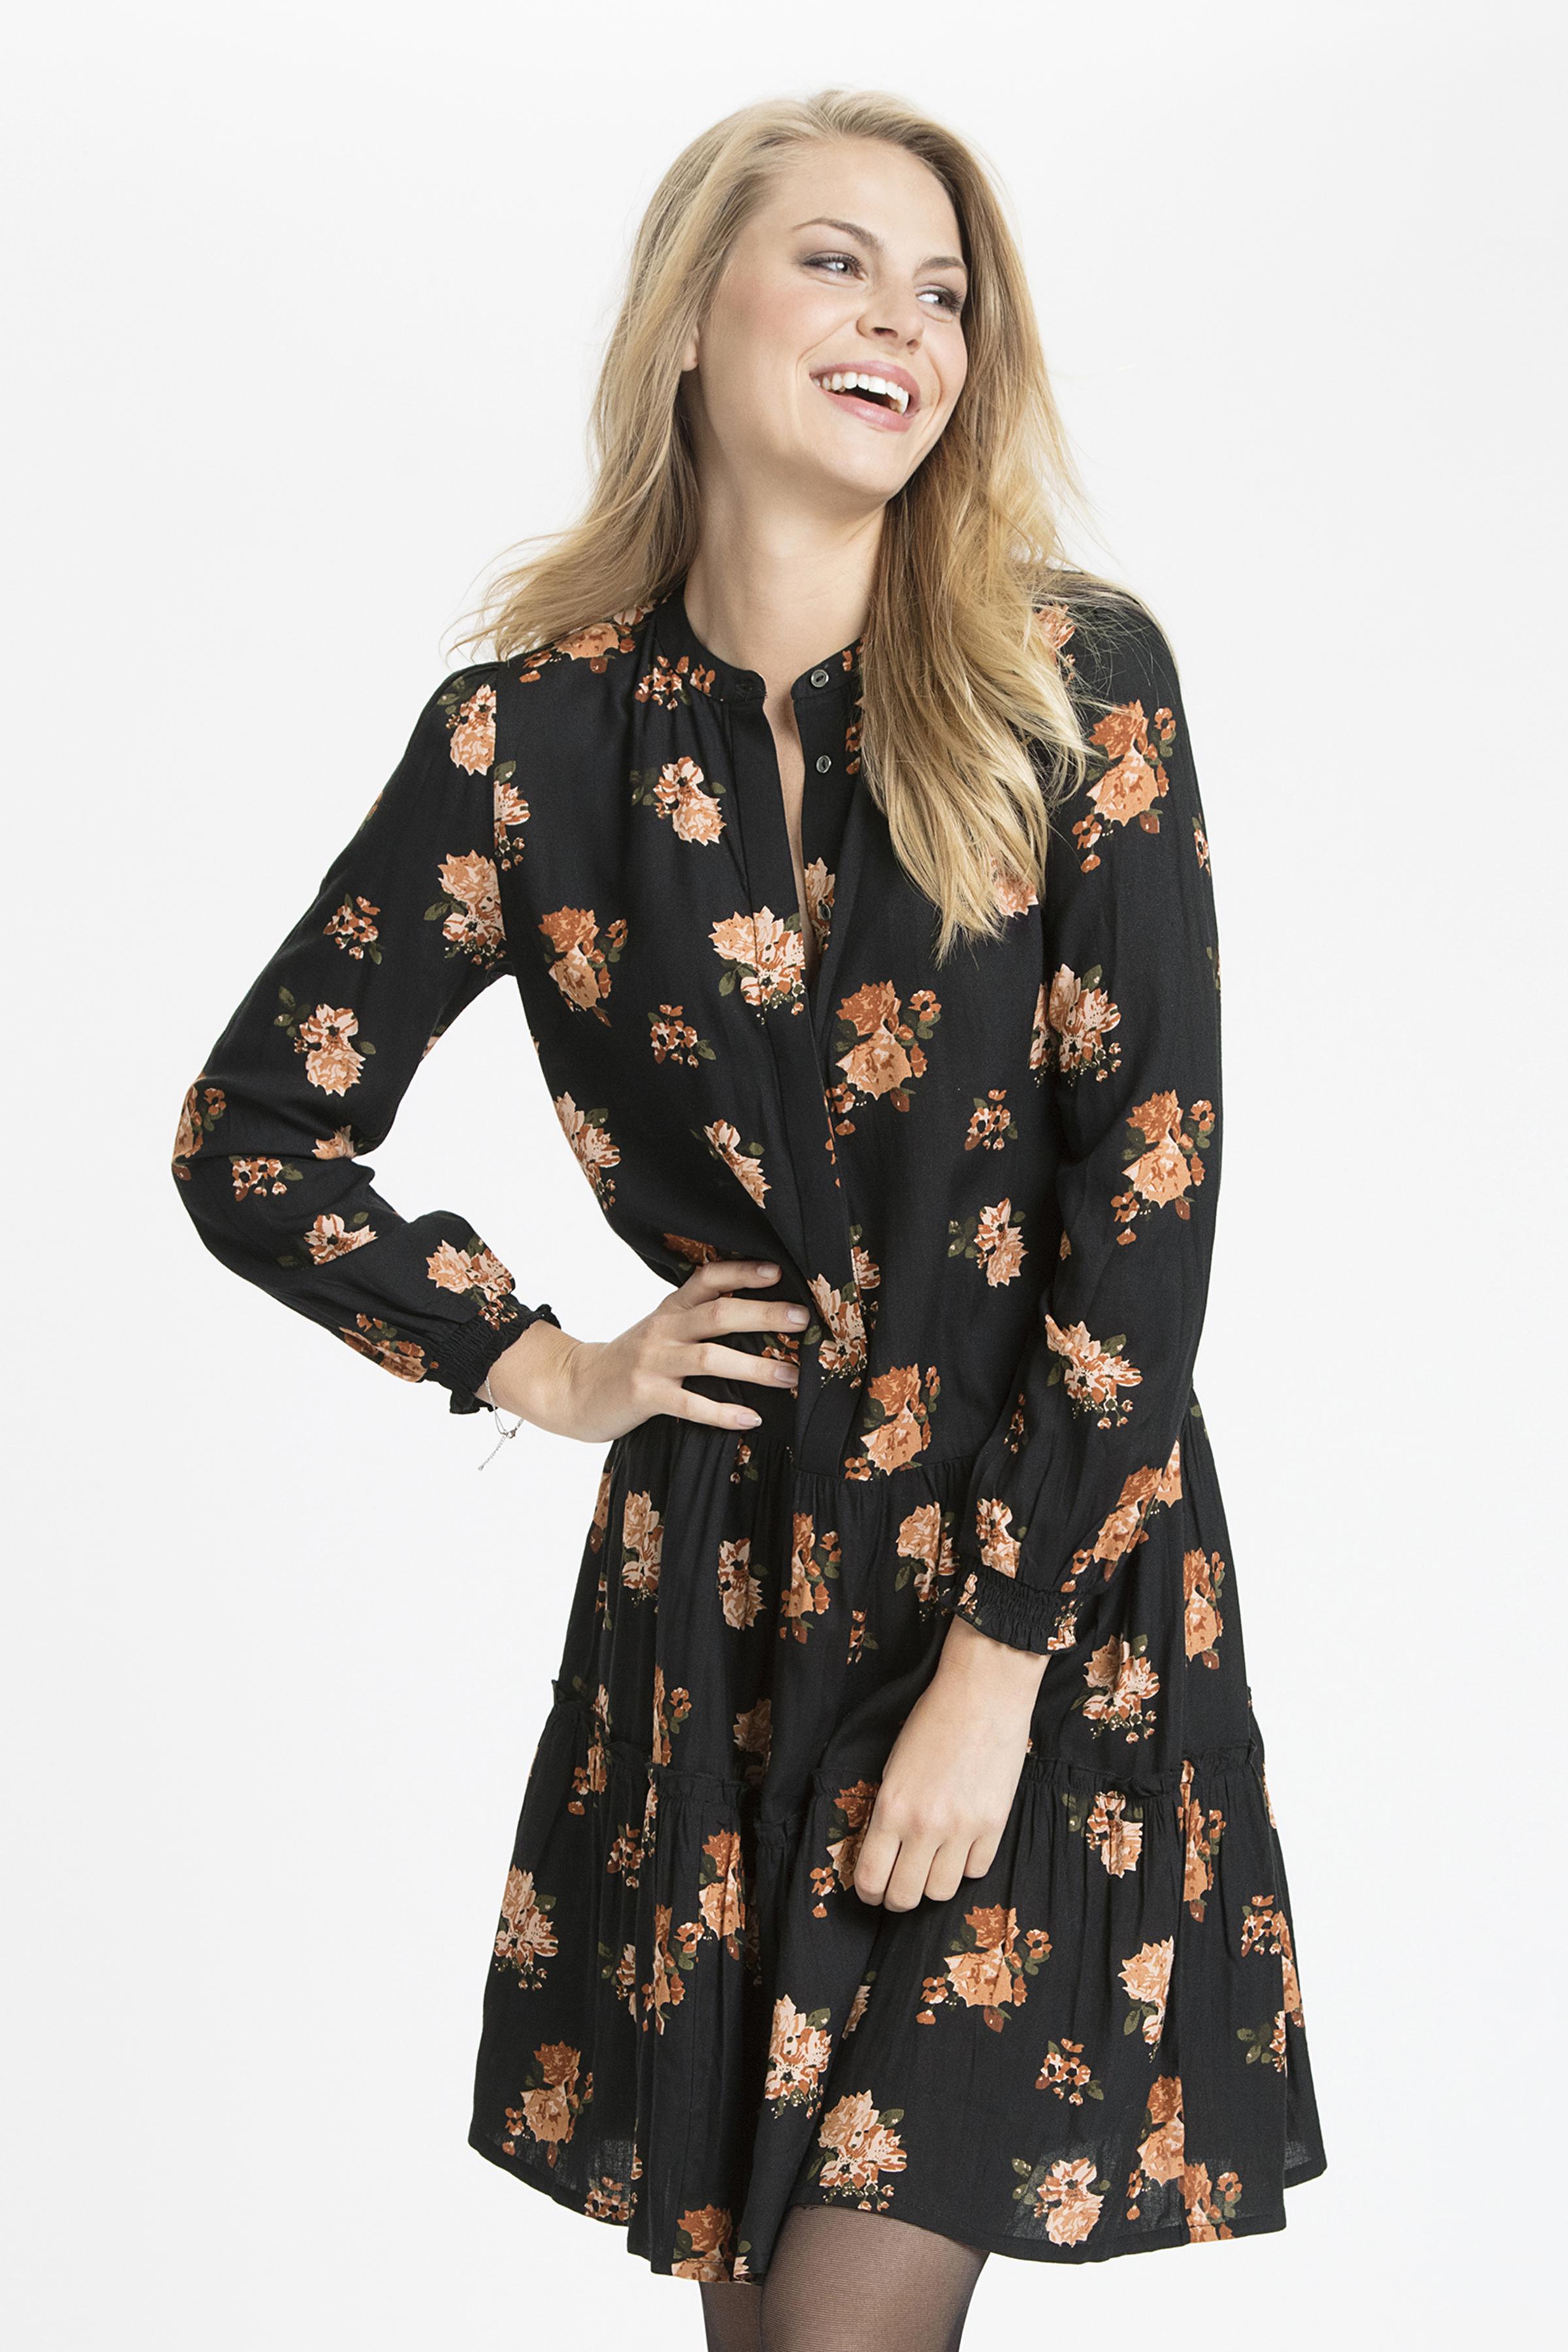 Schwarz/gebranntes orange Kleid von Bon'A Parte – Shoppen Sie Schwarz/gebranntes orange Kleid ab Gr. S-2XL hier